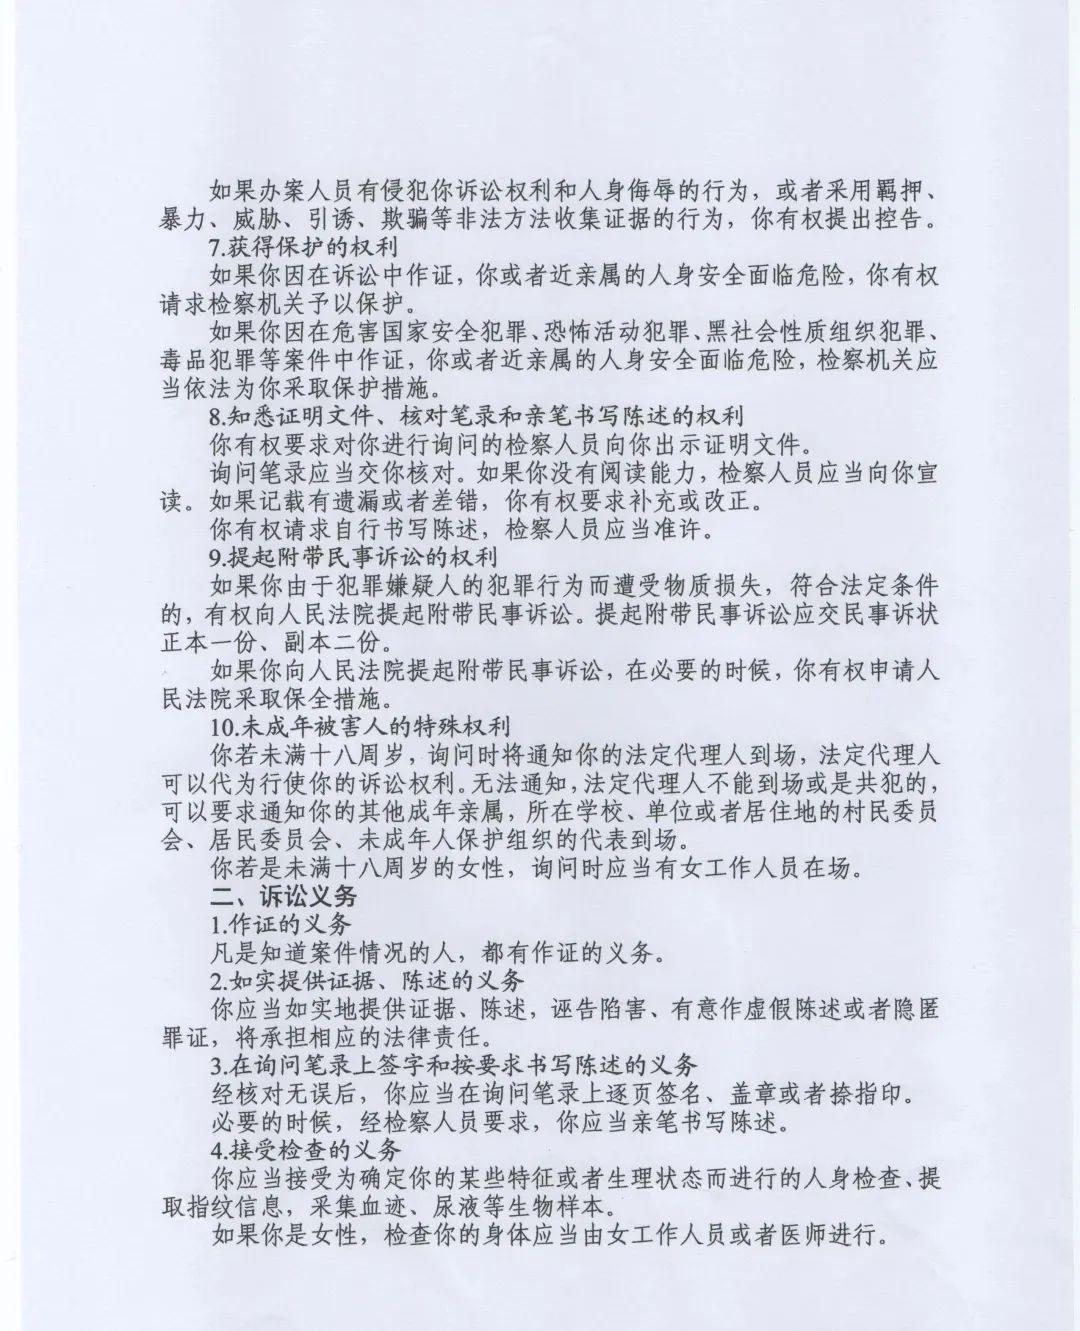 【公告】谭元开涉嫌诈骗罪一案被害人诉讼权利义务告知书